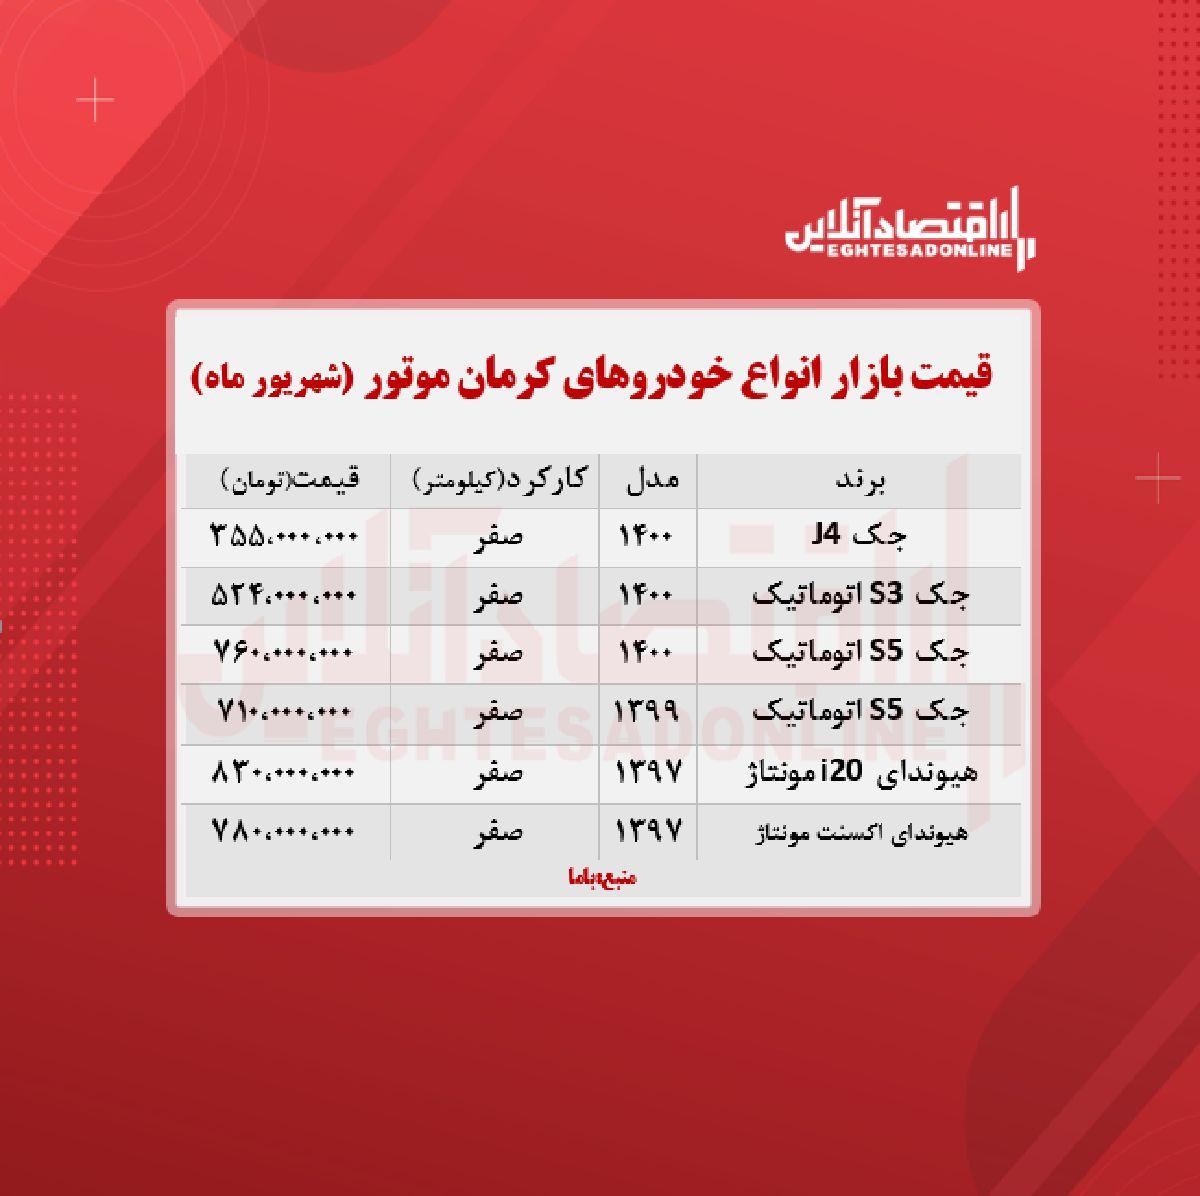 قیمت محصولات کرمان موتور امروز ۱۴۰۰/۶/۷